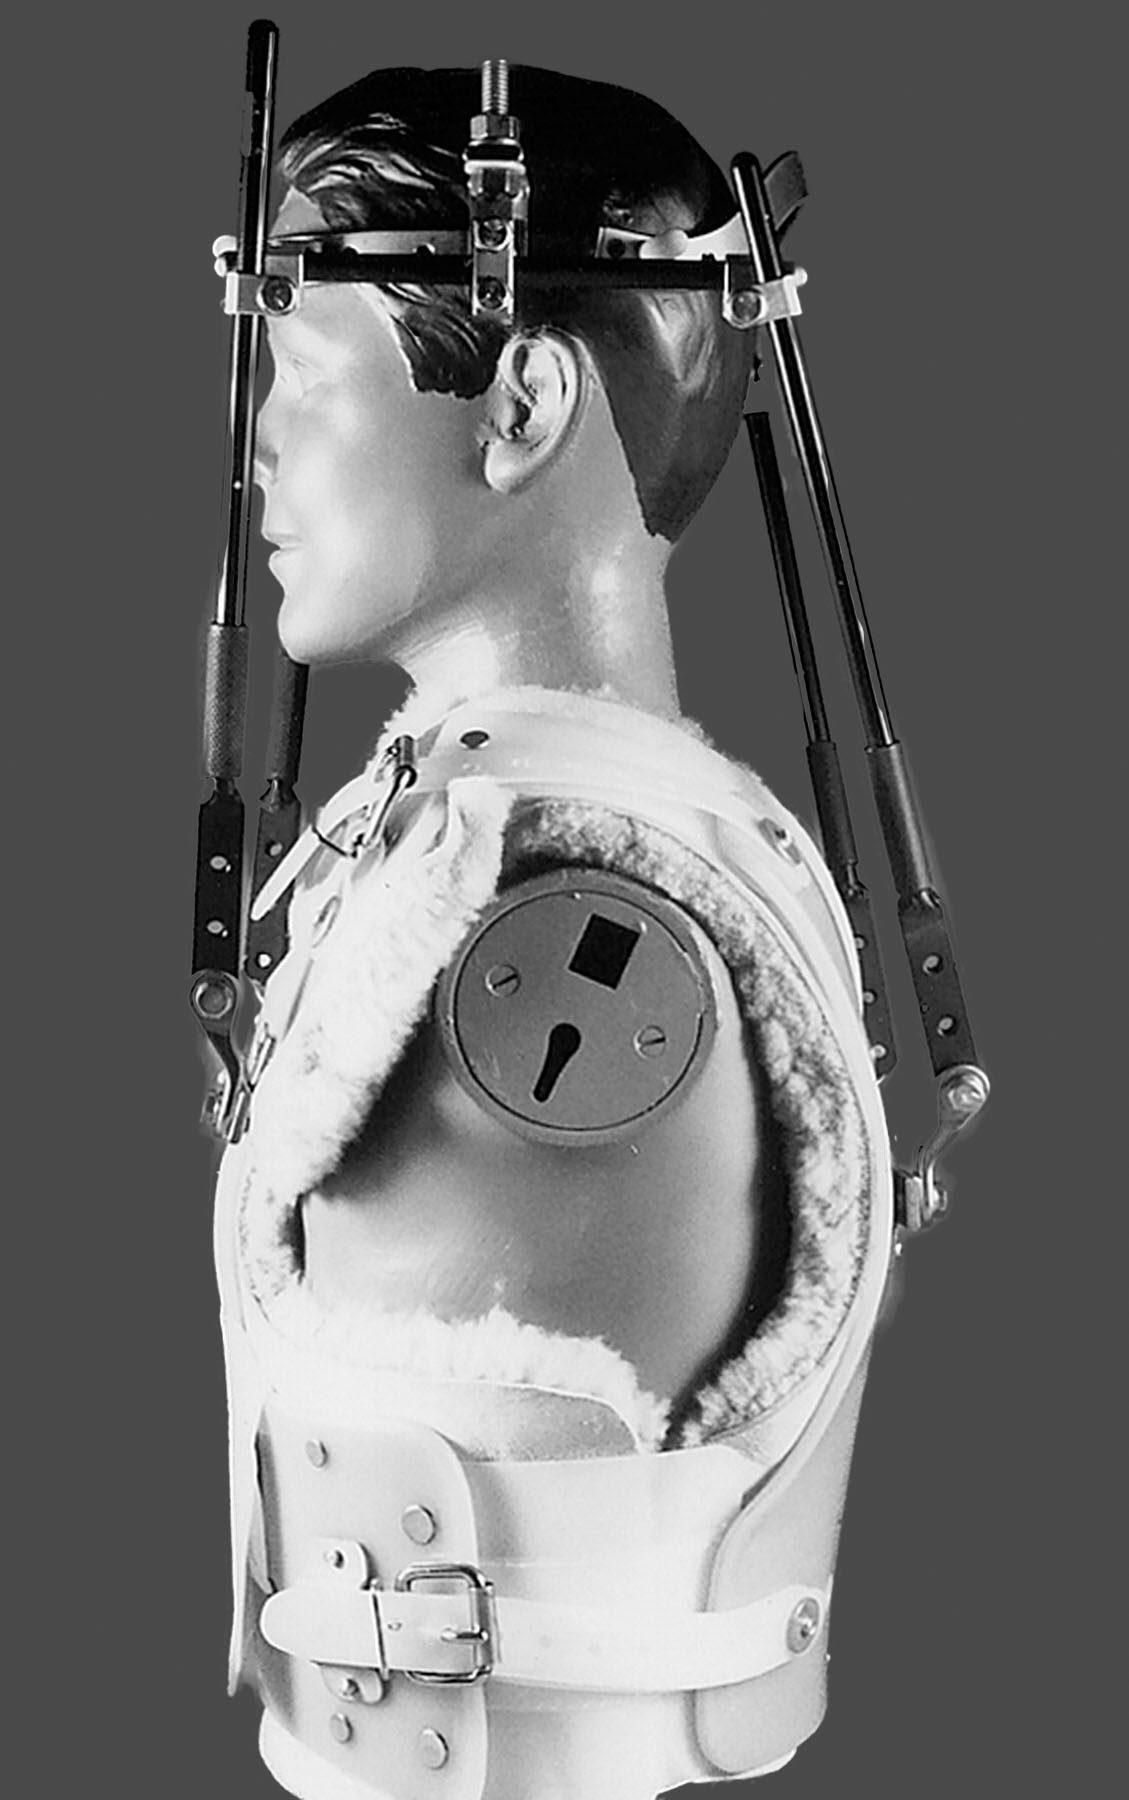 11860 Vista Del Sol, Ste. 128 apparecchi per il collo, collari cervicali: tipi di rinforzo spinale